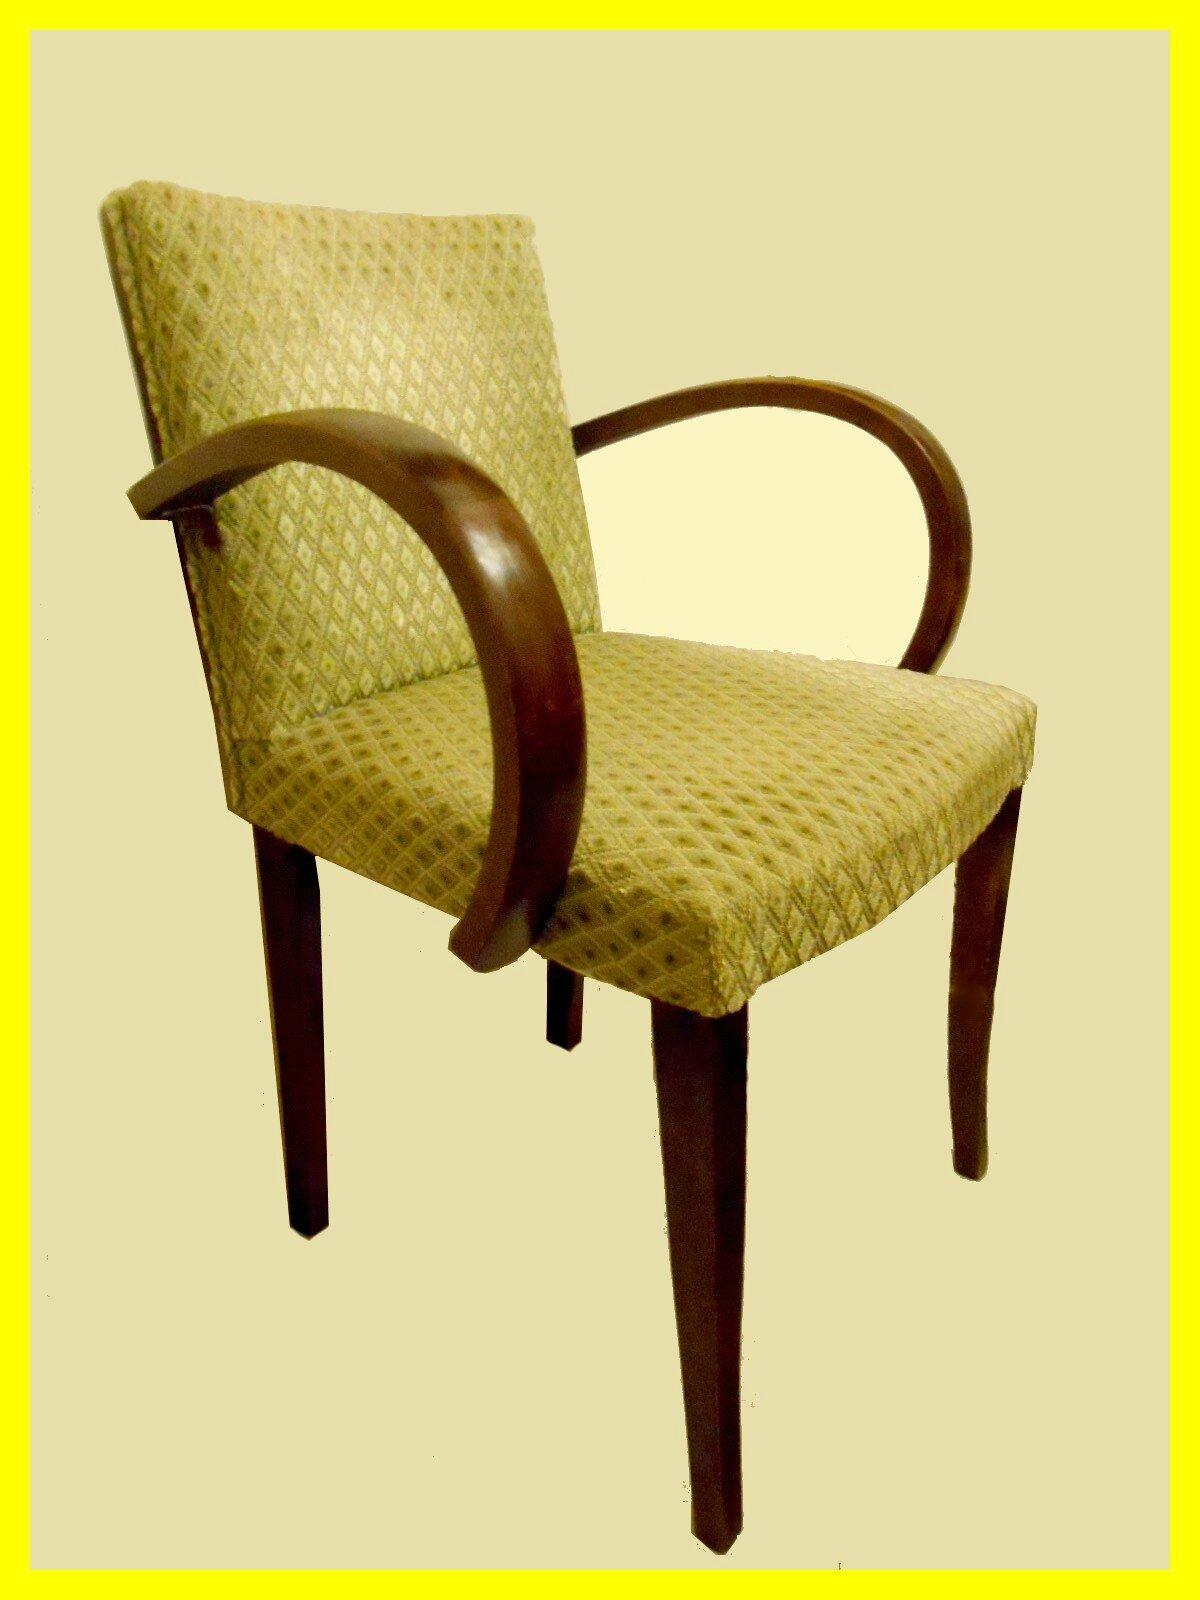 fauteuil bridge epoque art deco meubles et d coration vintage design scandinave. Black Bedroom Furniture Sets. Home Design Ideas